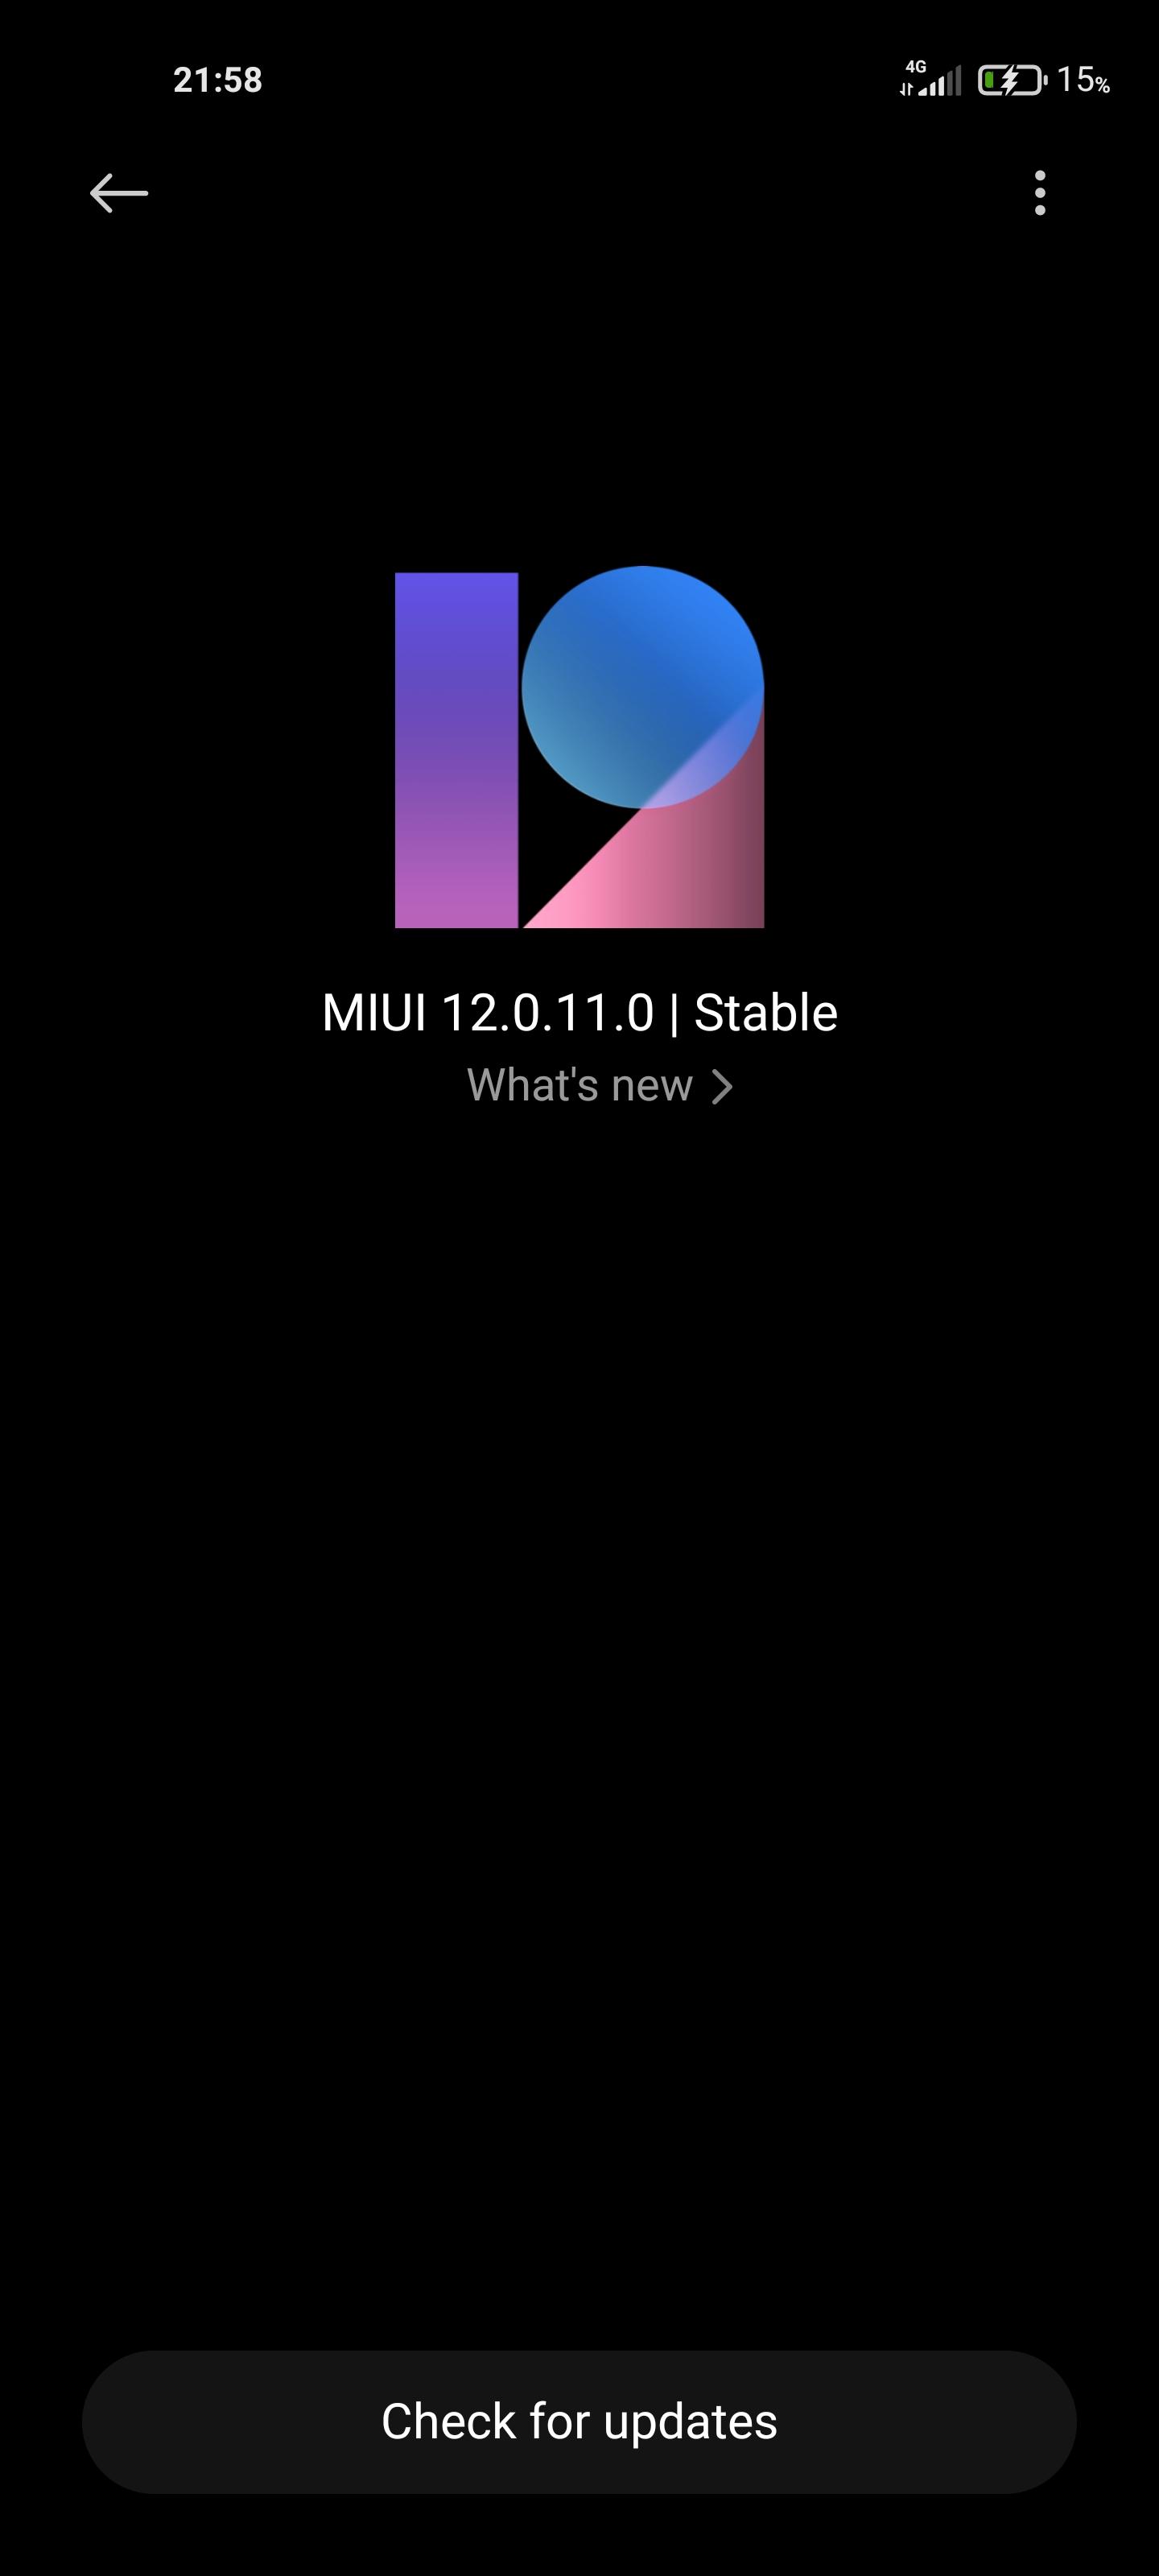 Screenshot_2021-04-06-21-58-28-388_com.android.updater.jpg